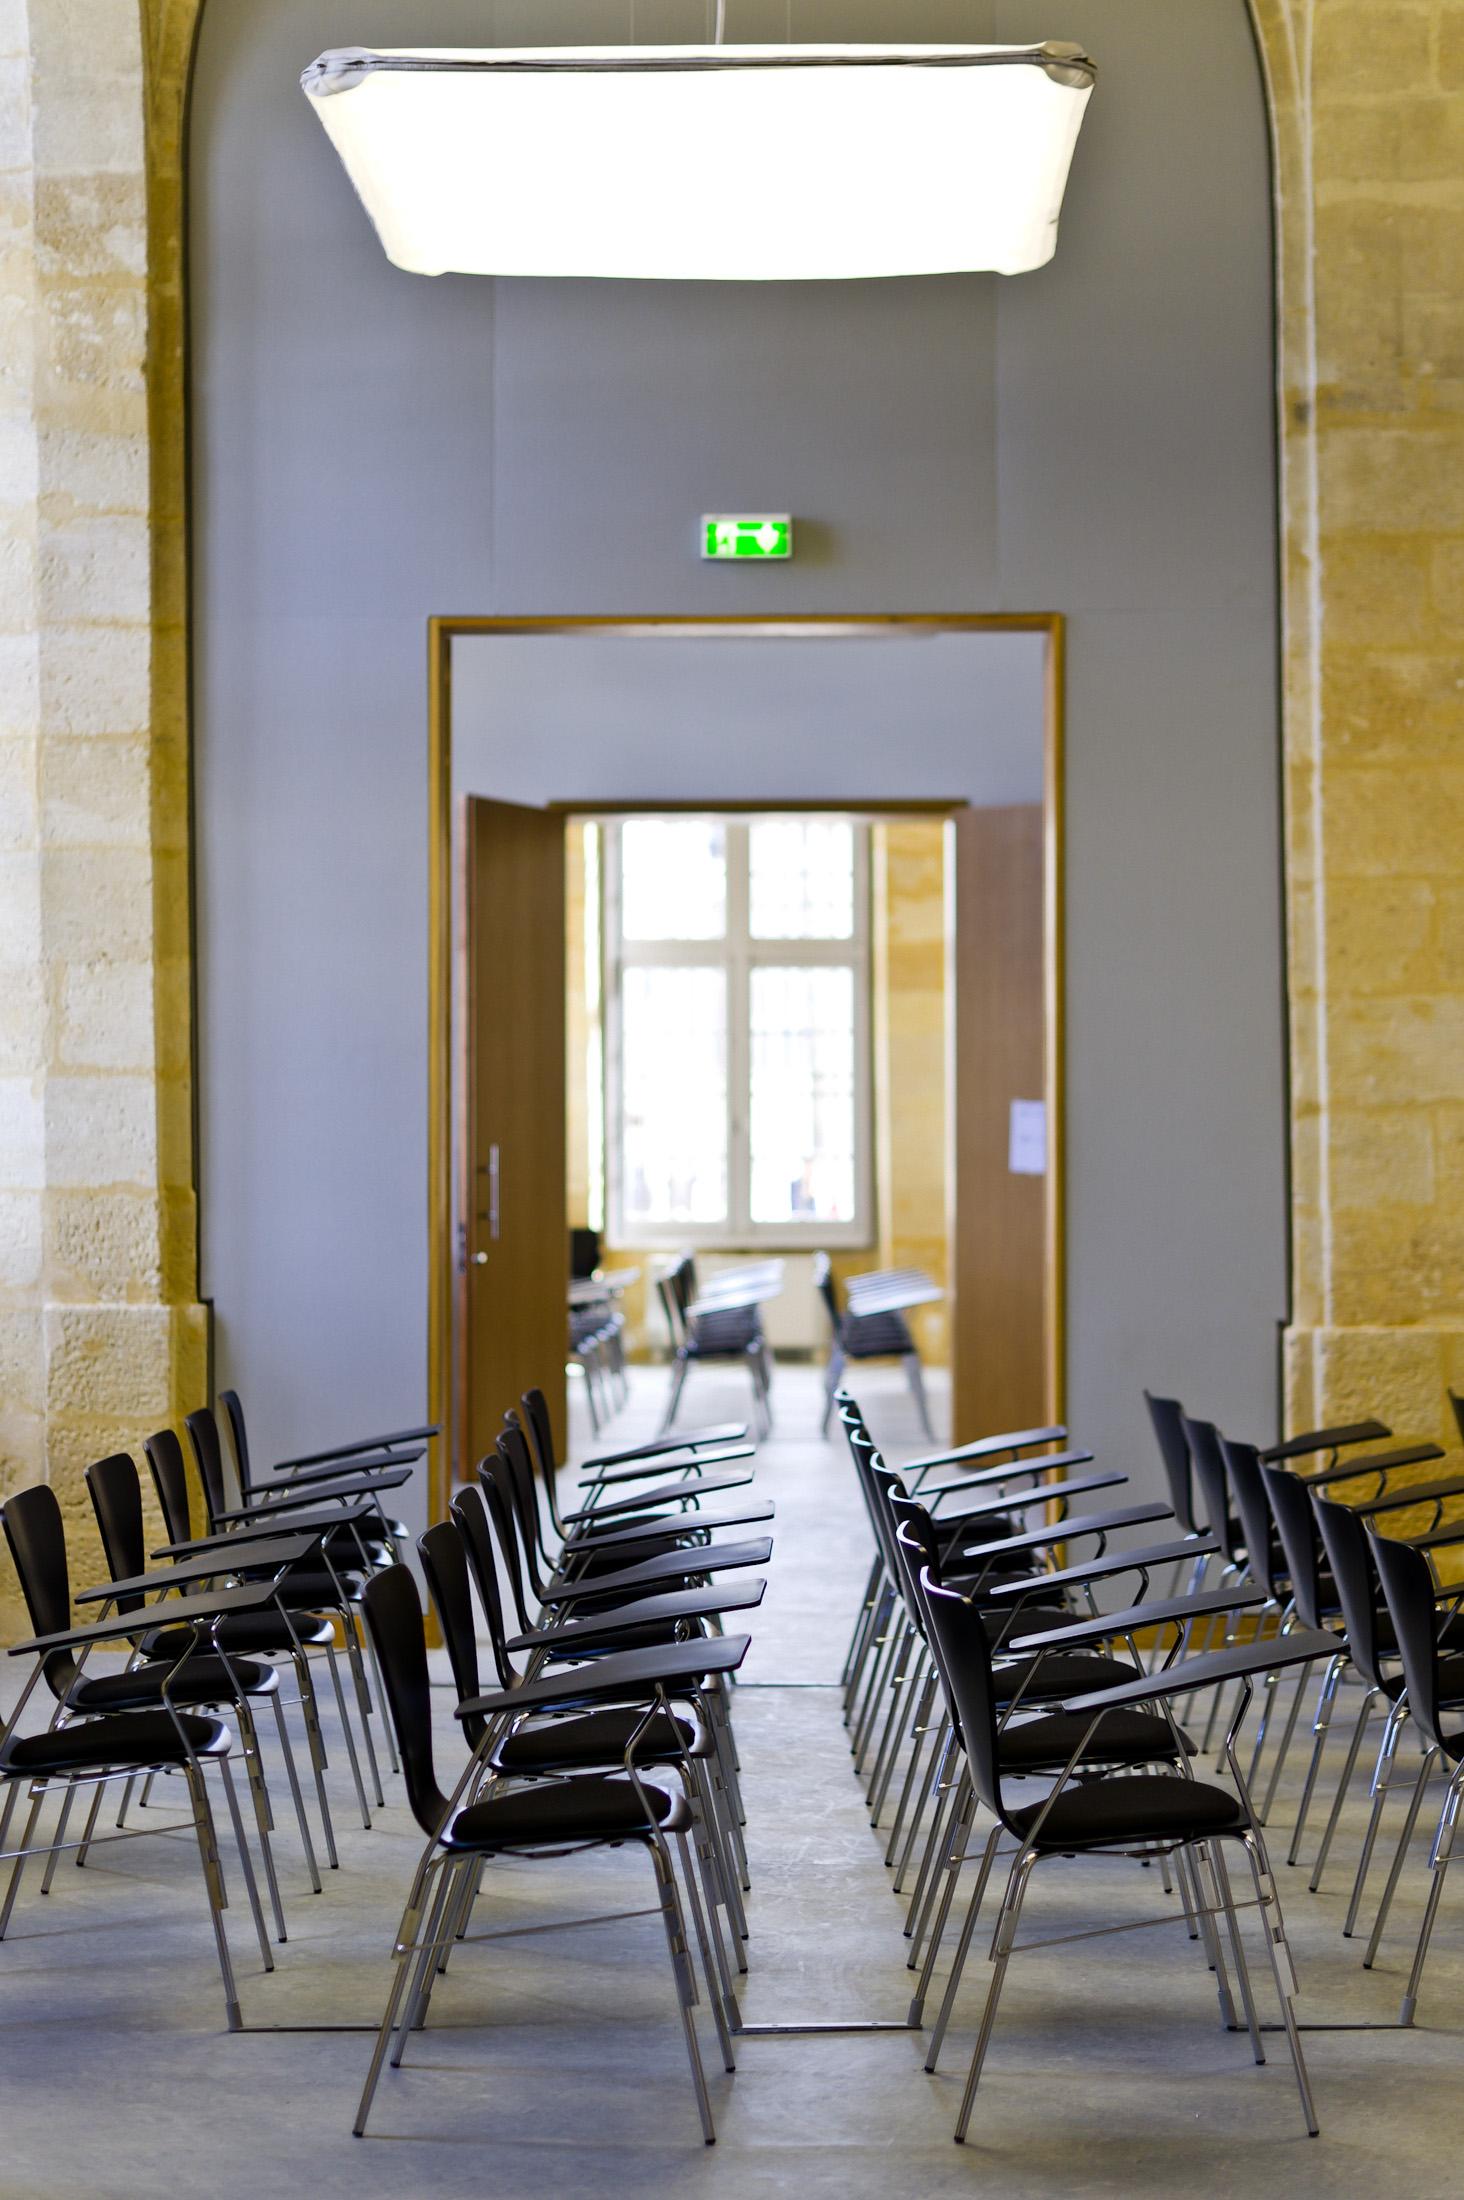 nouvel espace r ceptif de la chambre de commerce et d 39 industrie de bordeaux bordeaux palais de. Black Bedroom Furniture Sets. Home Design Ideas